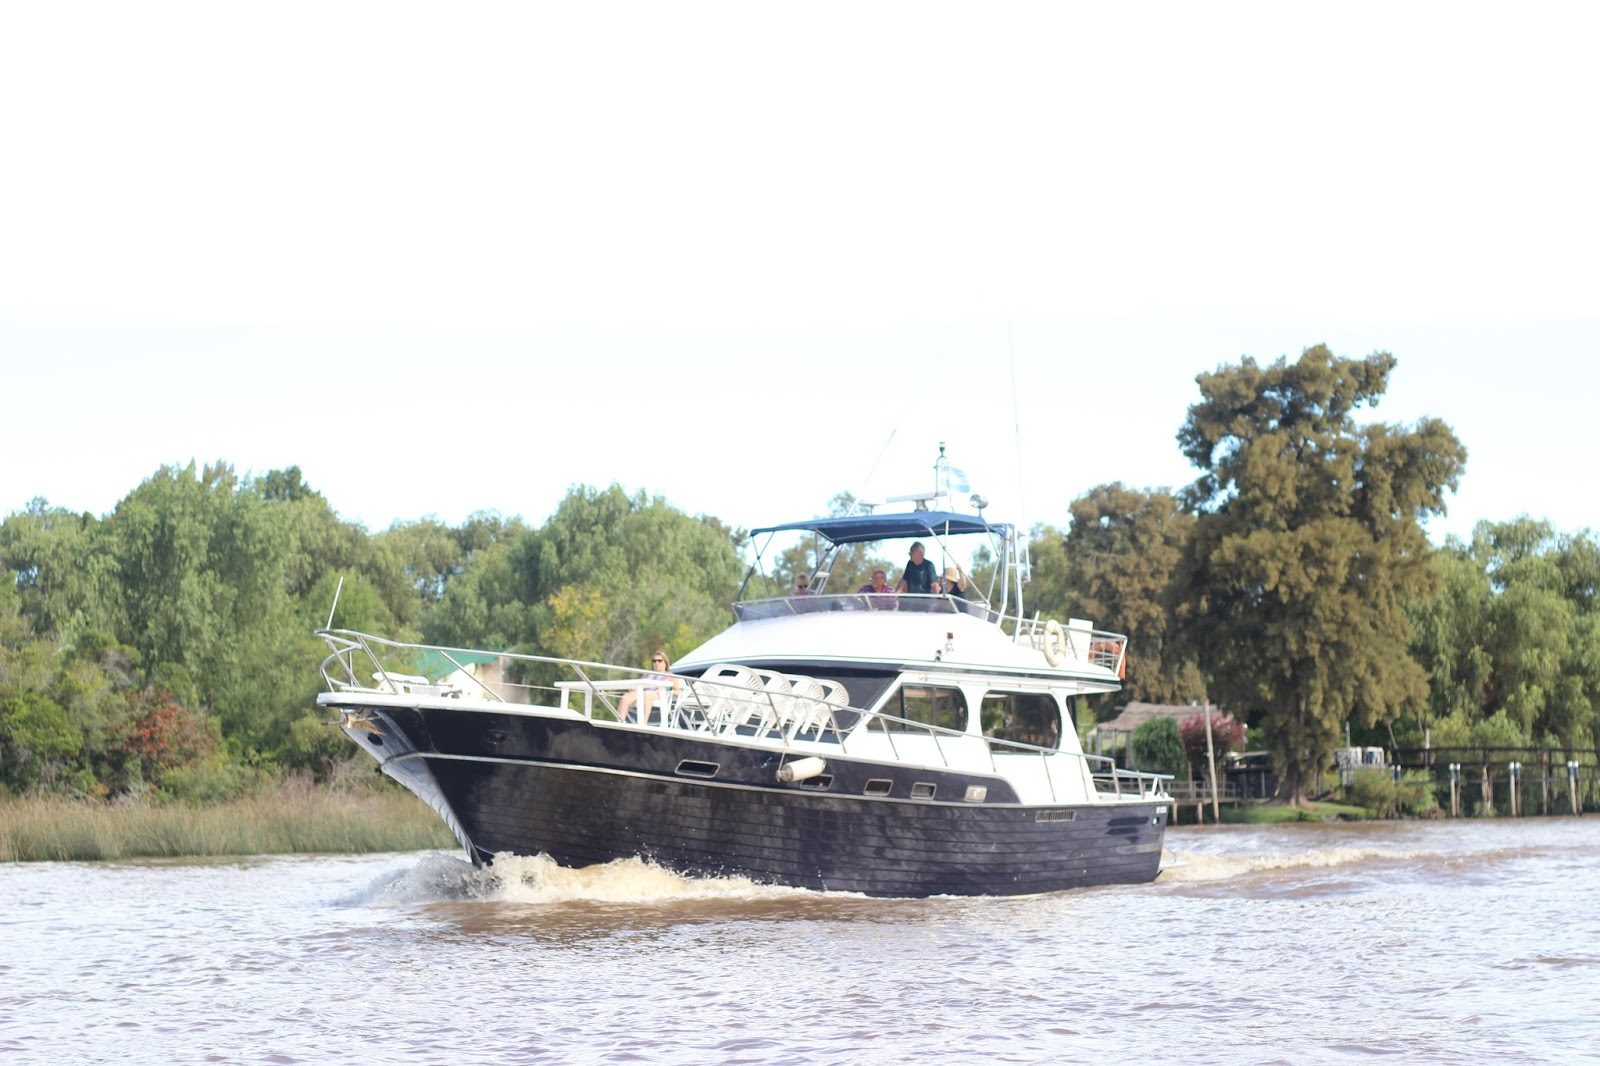 delta turismo